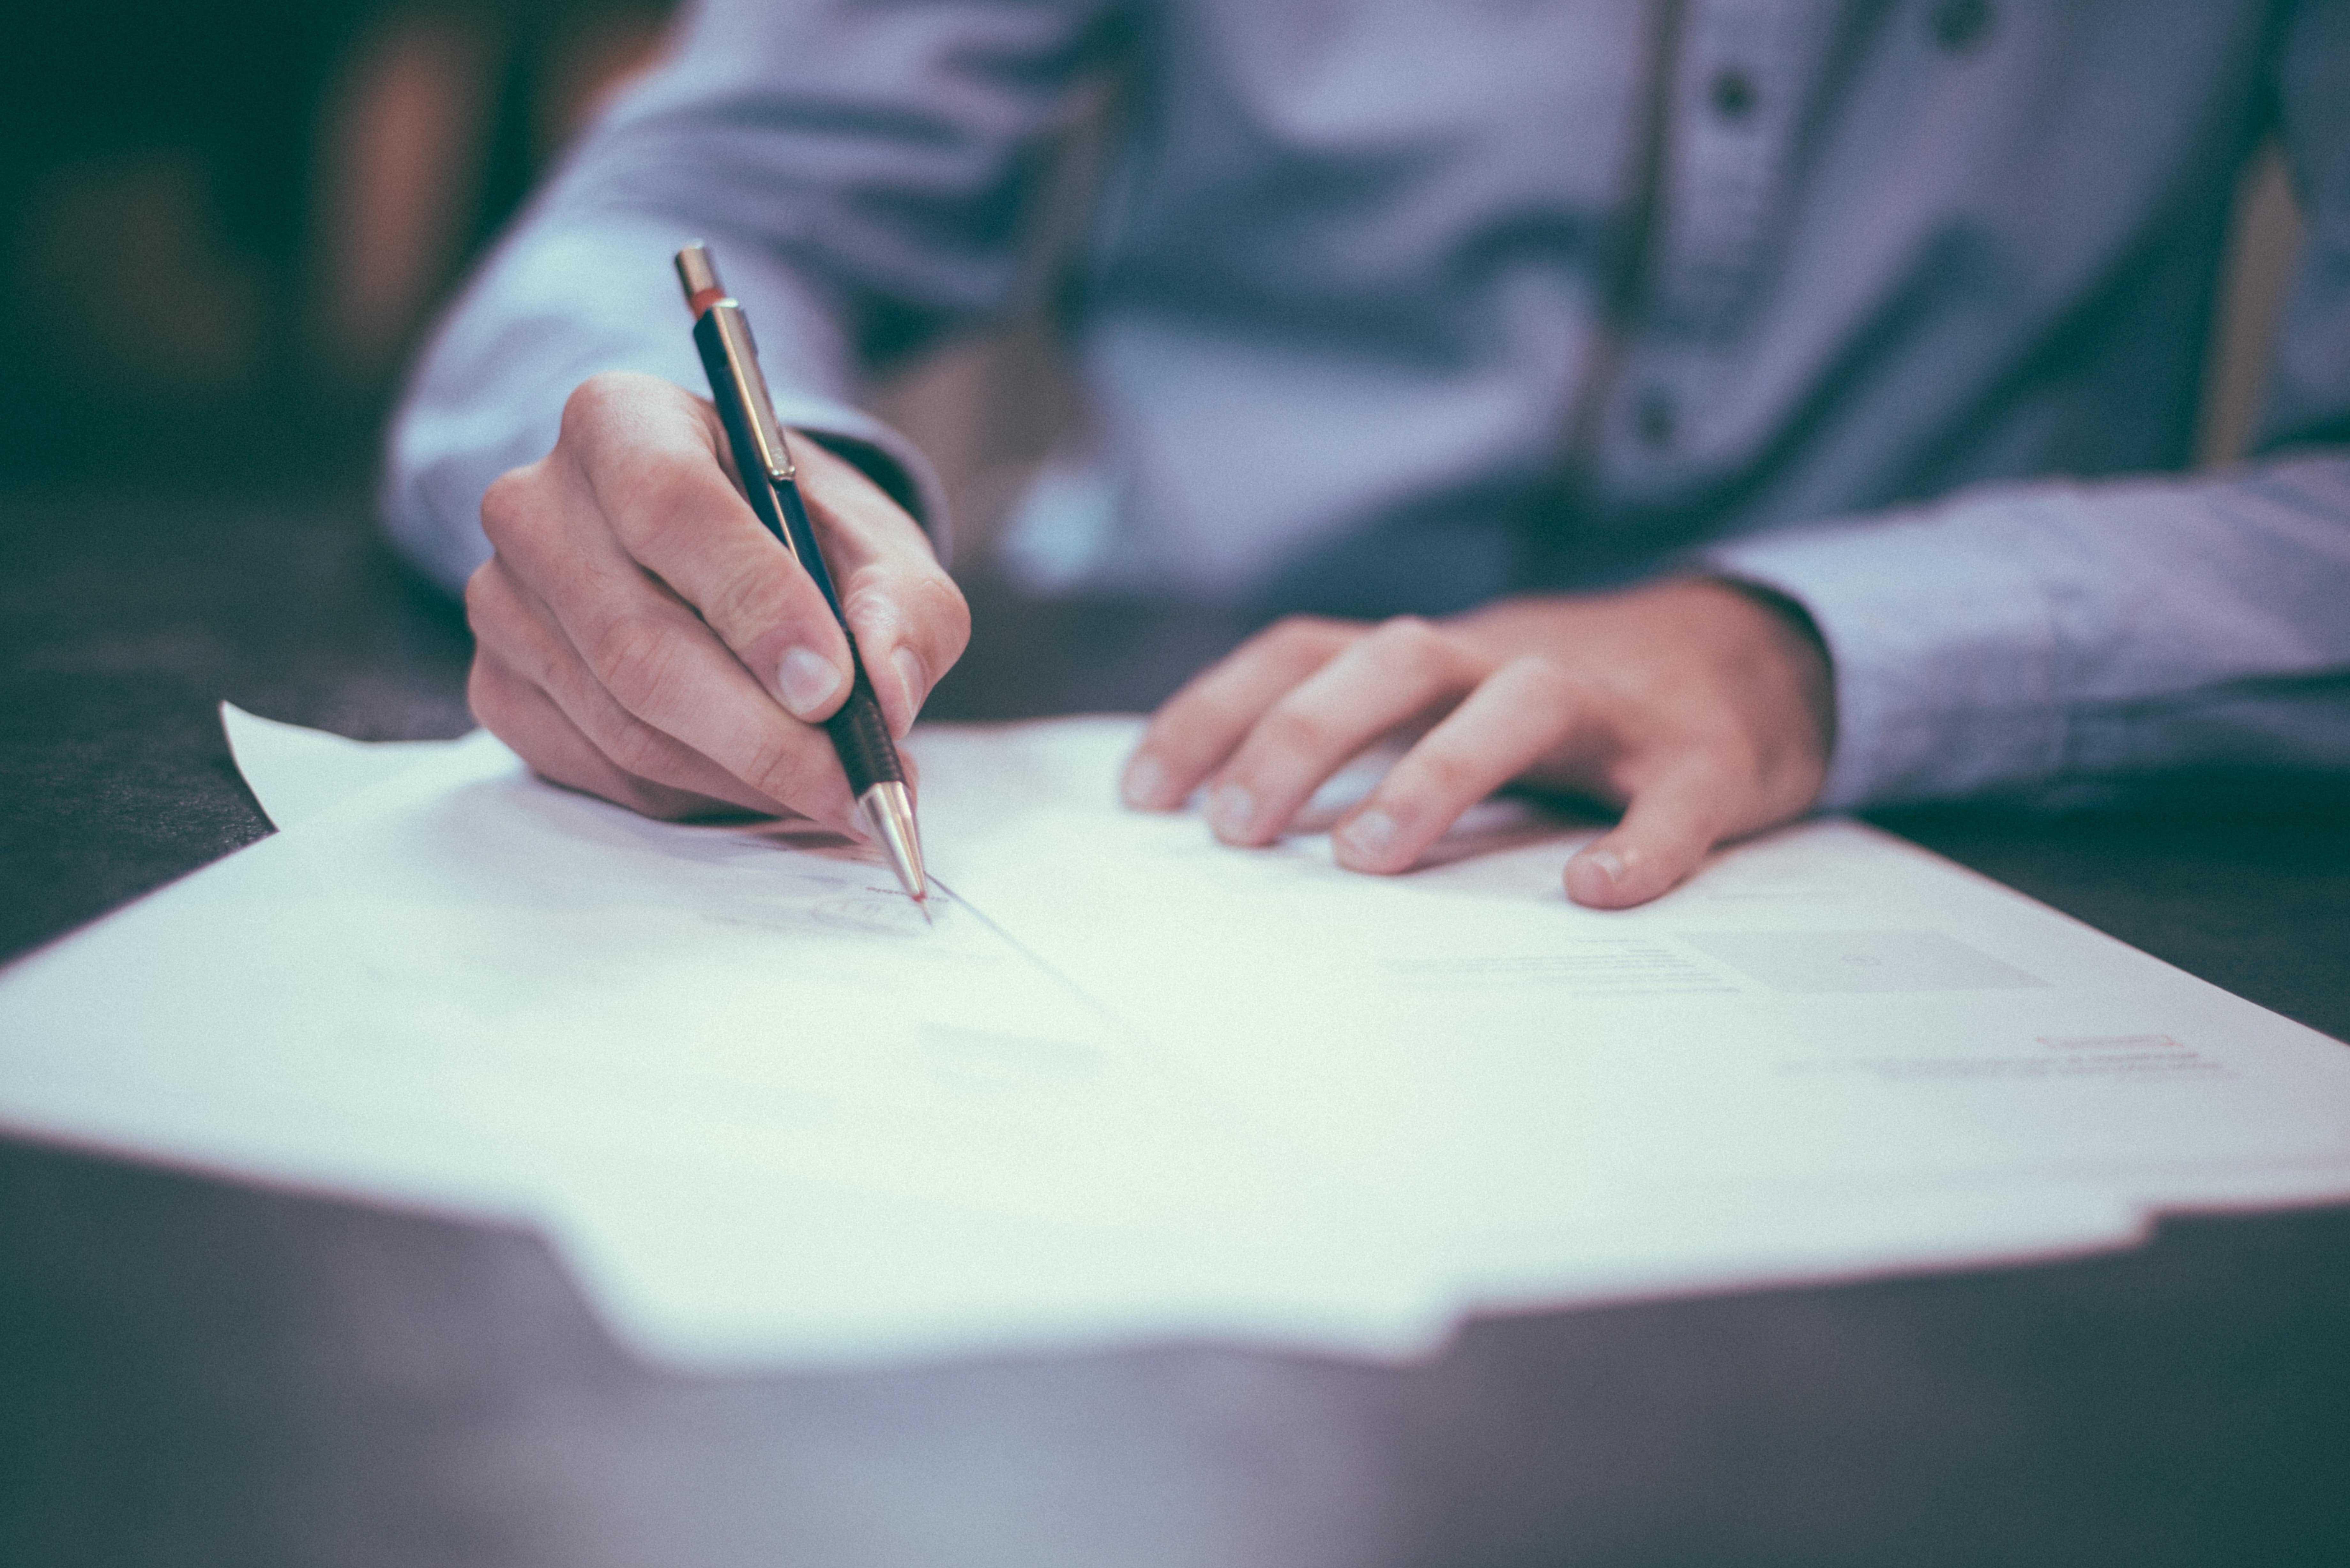 Simplifier l'état des lieux grâce à la GMAO - Logiciel GMAO - Personne, écrire, feuille, table